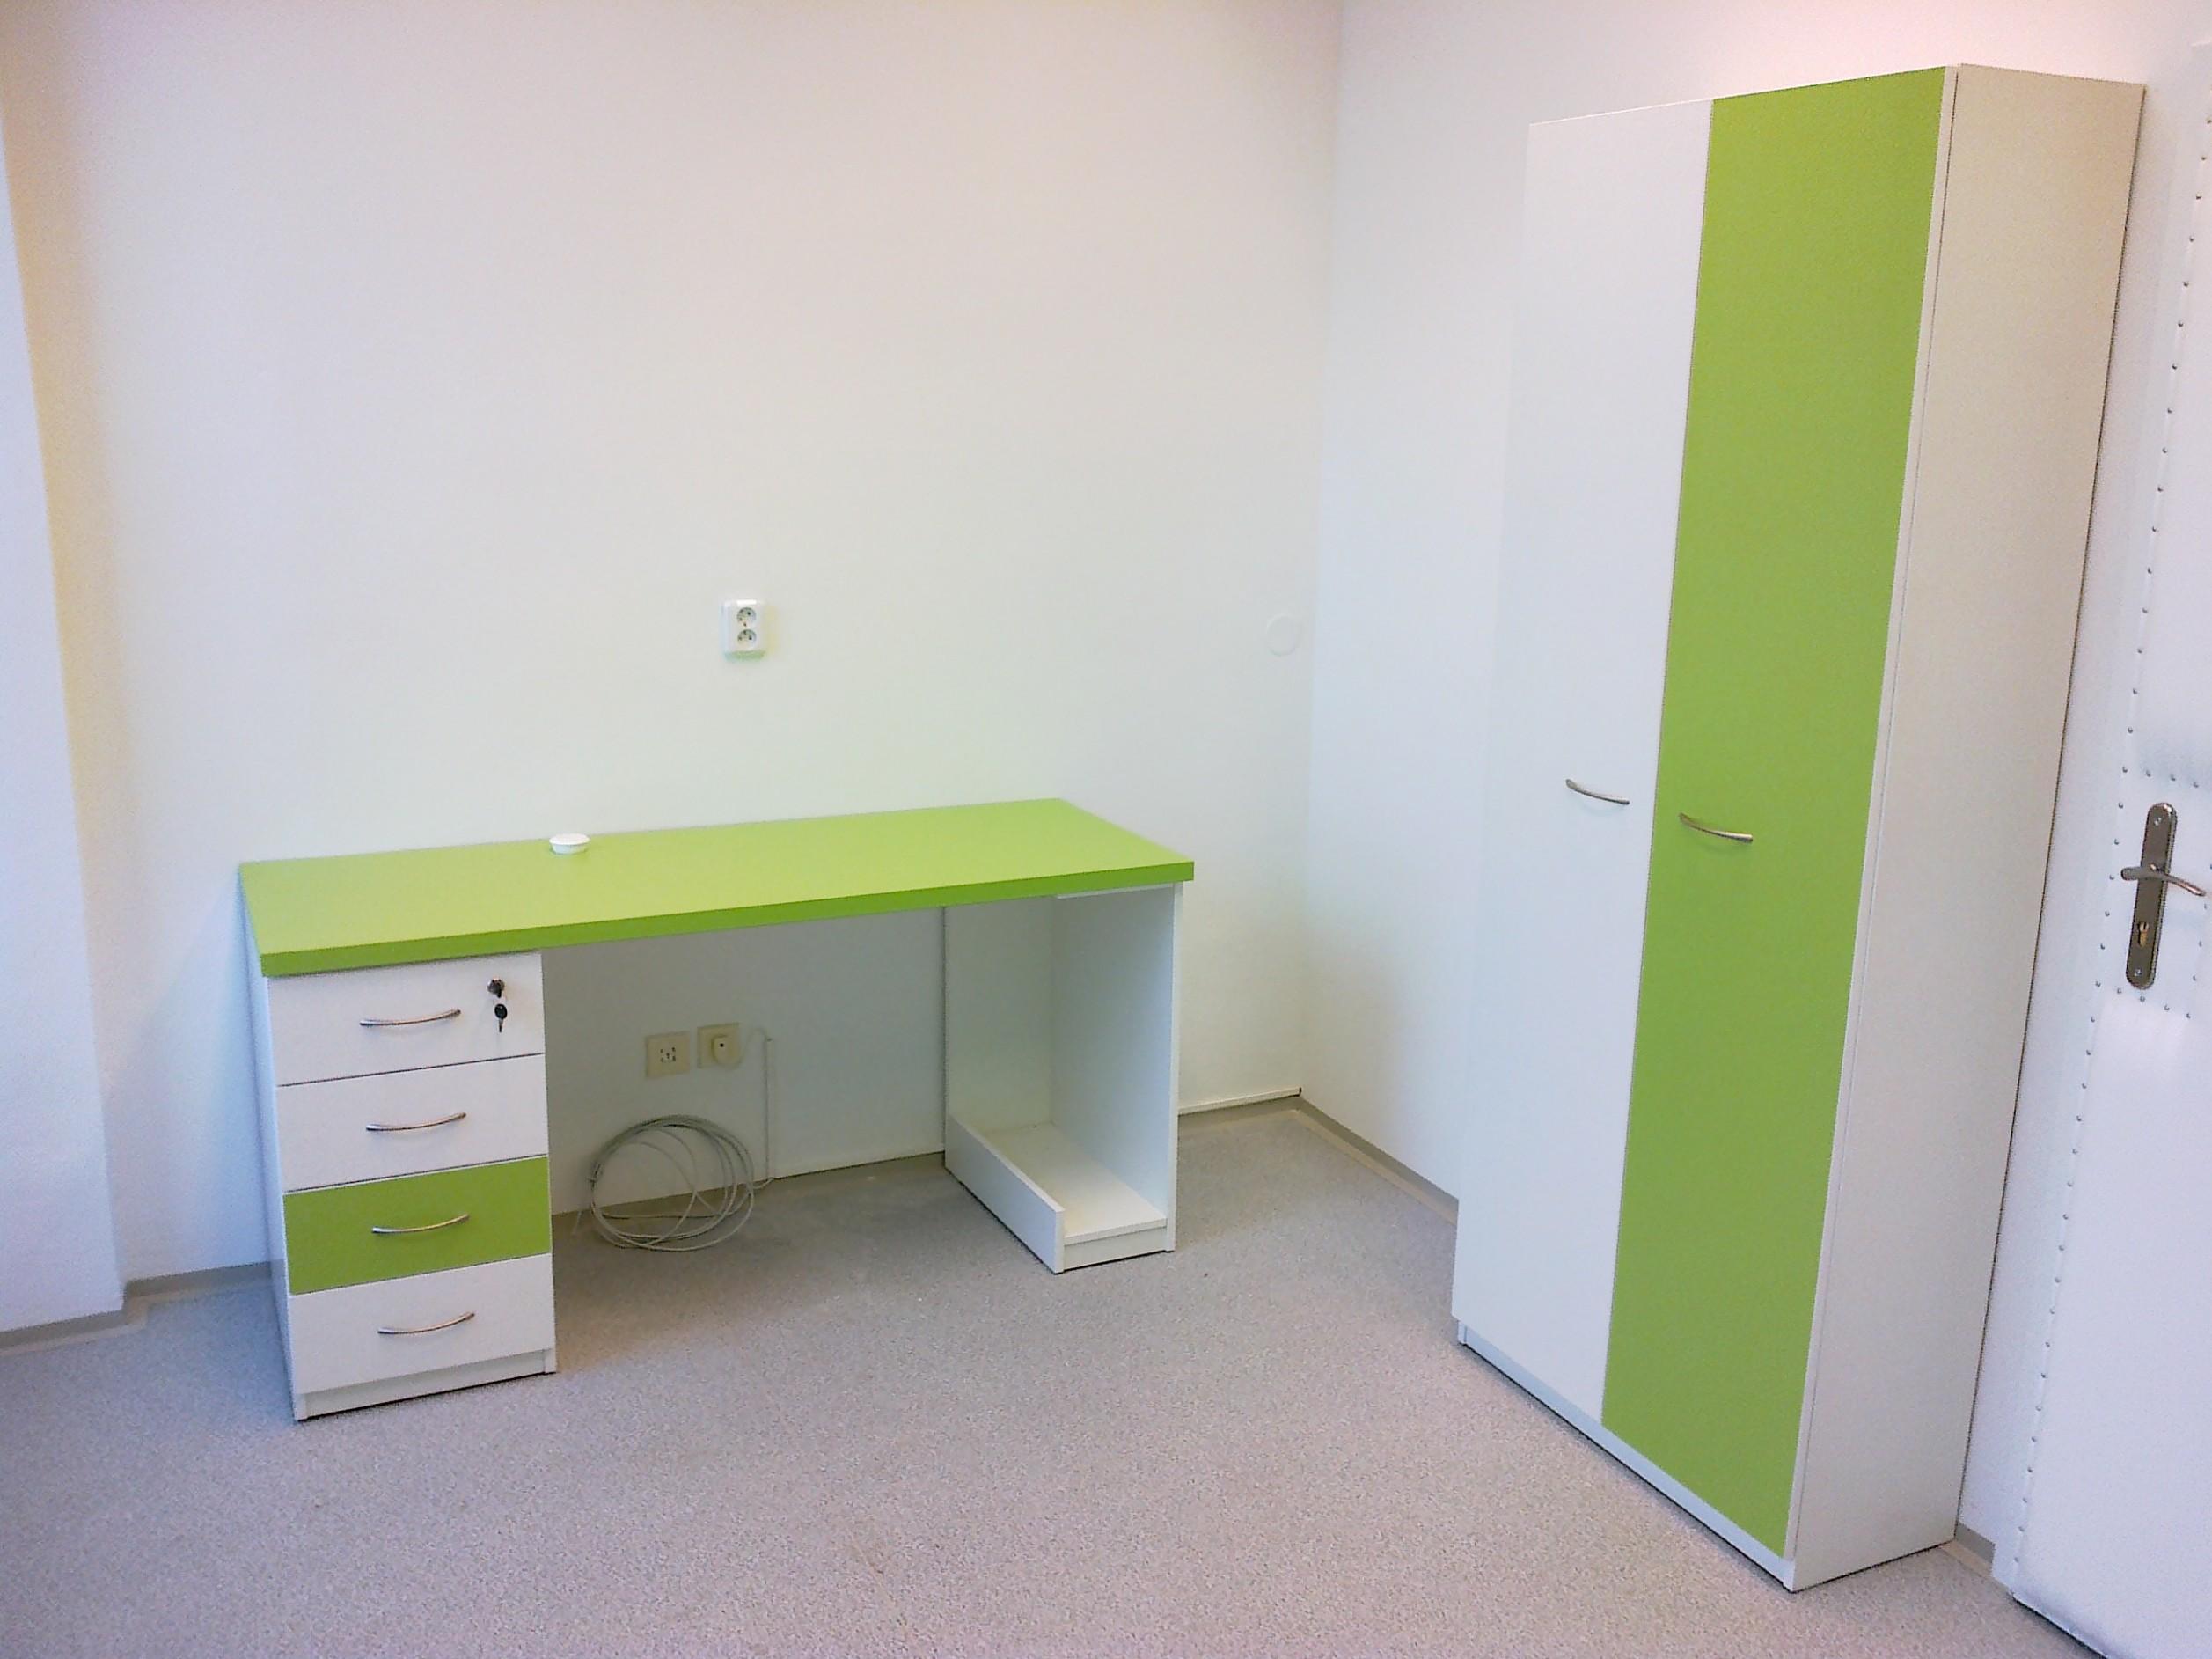 Nábytek do ordinací z lamina na míru | Zakázková výroba nábytku z ...